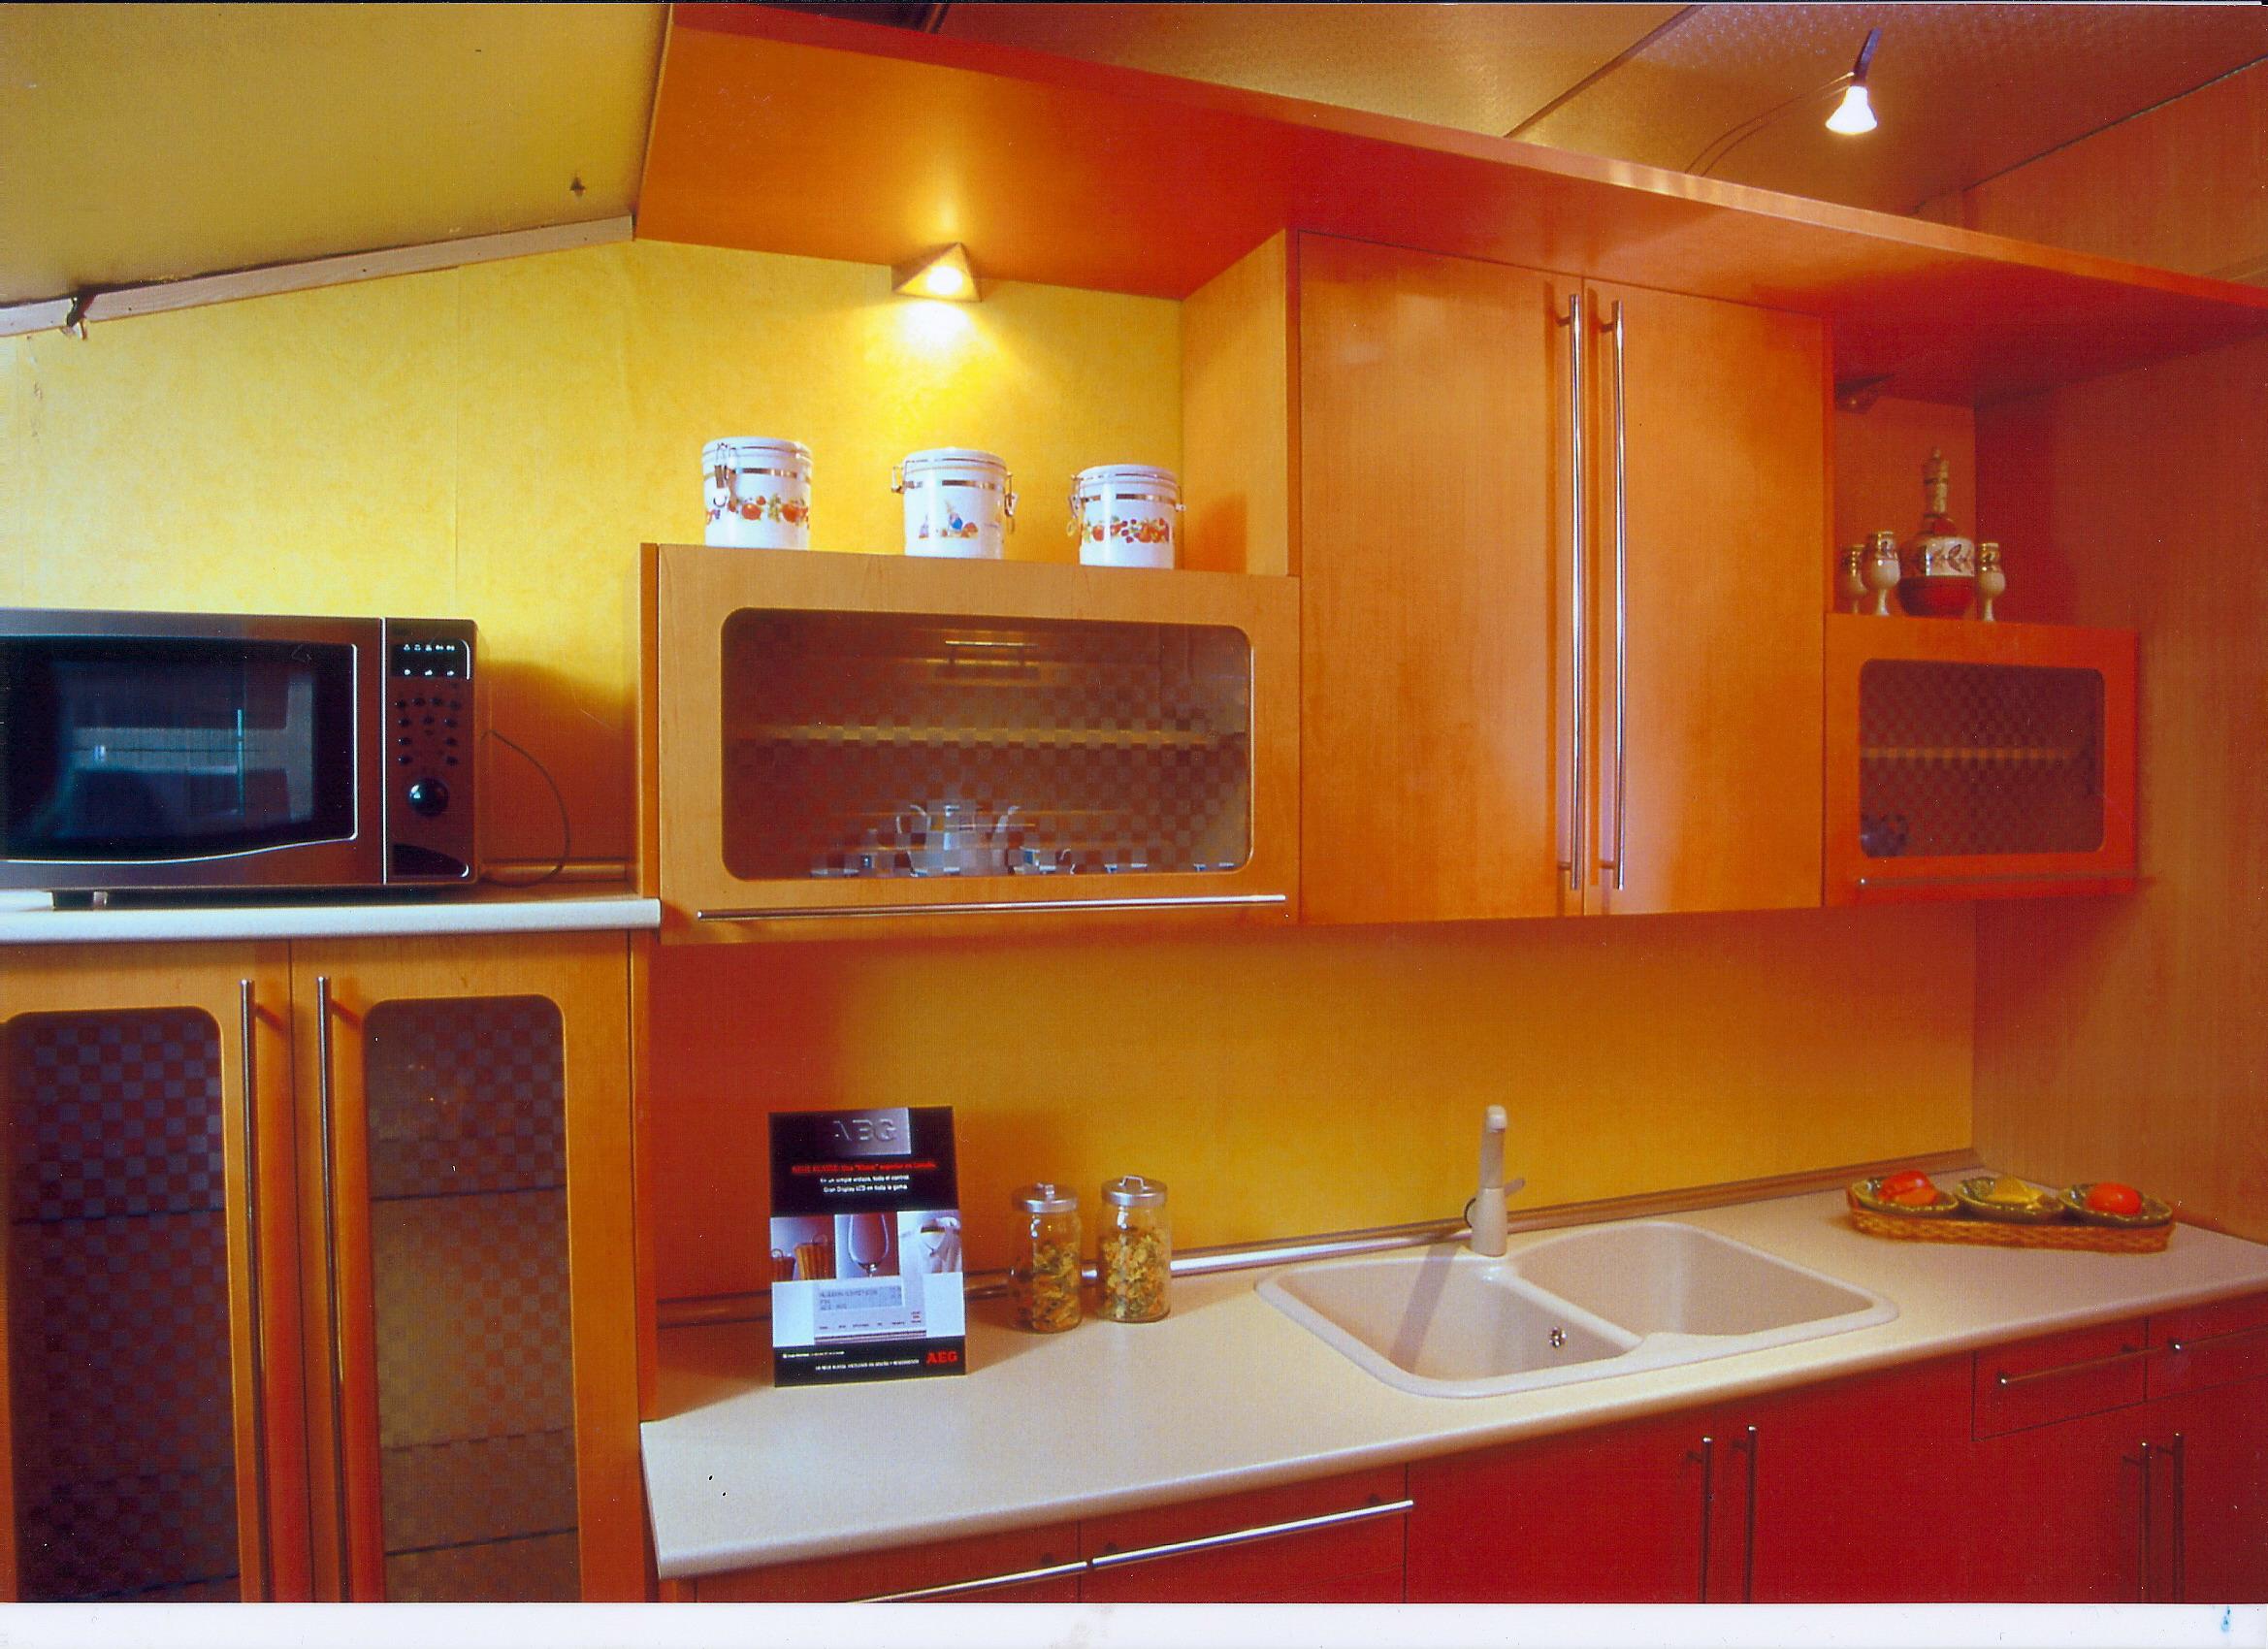 Muebles valdecocina ofertas cocinas for Ofertas muebles de cocina